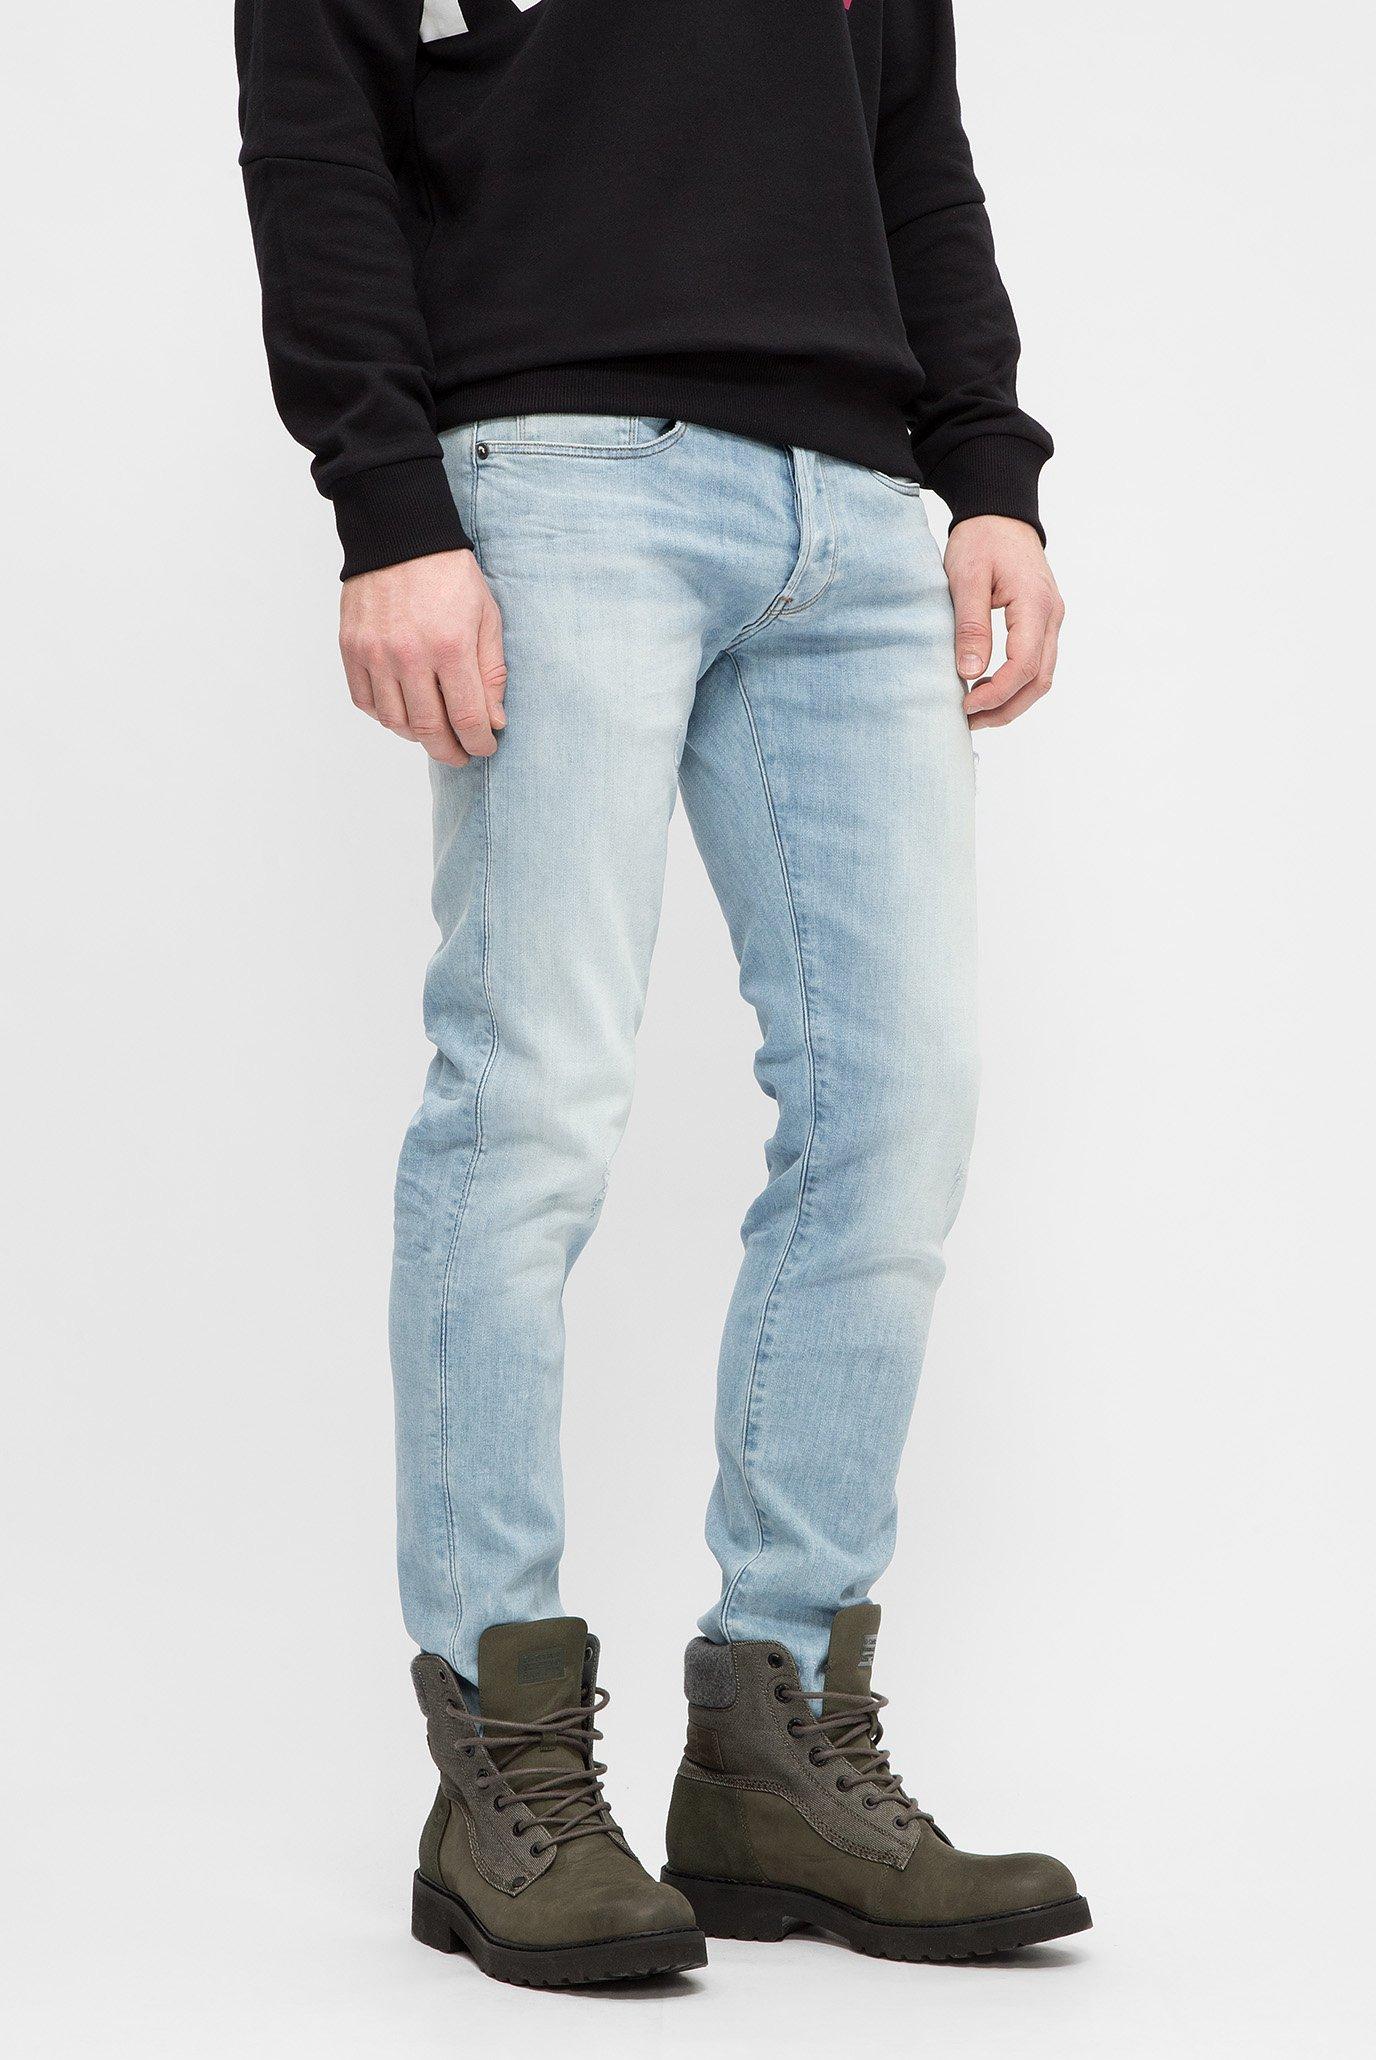 Купить Мужские голубые джинсы 3301 Slim 9260 G-Star RAW G-Star RAW 51001,8968 – Киев, Украина. Цены в интернет магазине MD Fashion